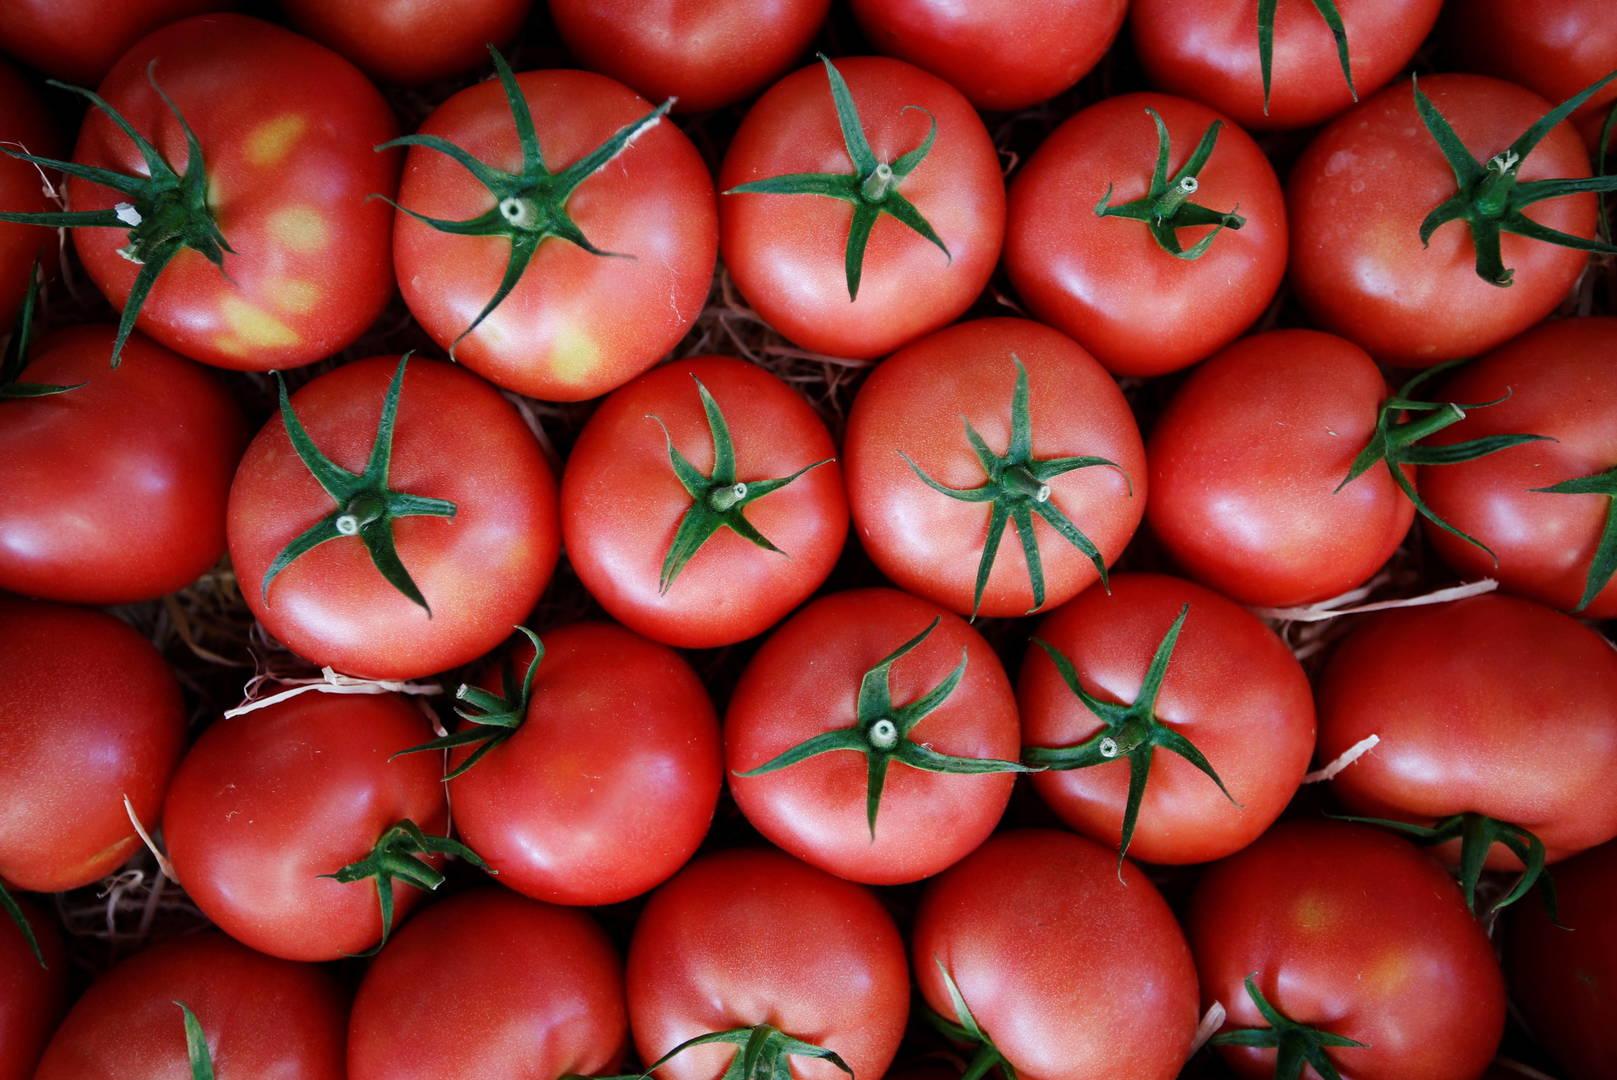 Je suis tomate: какую сторону принять в помидорных спорах